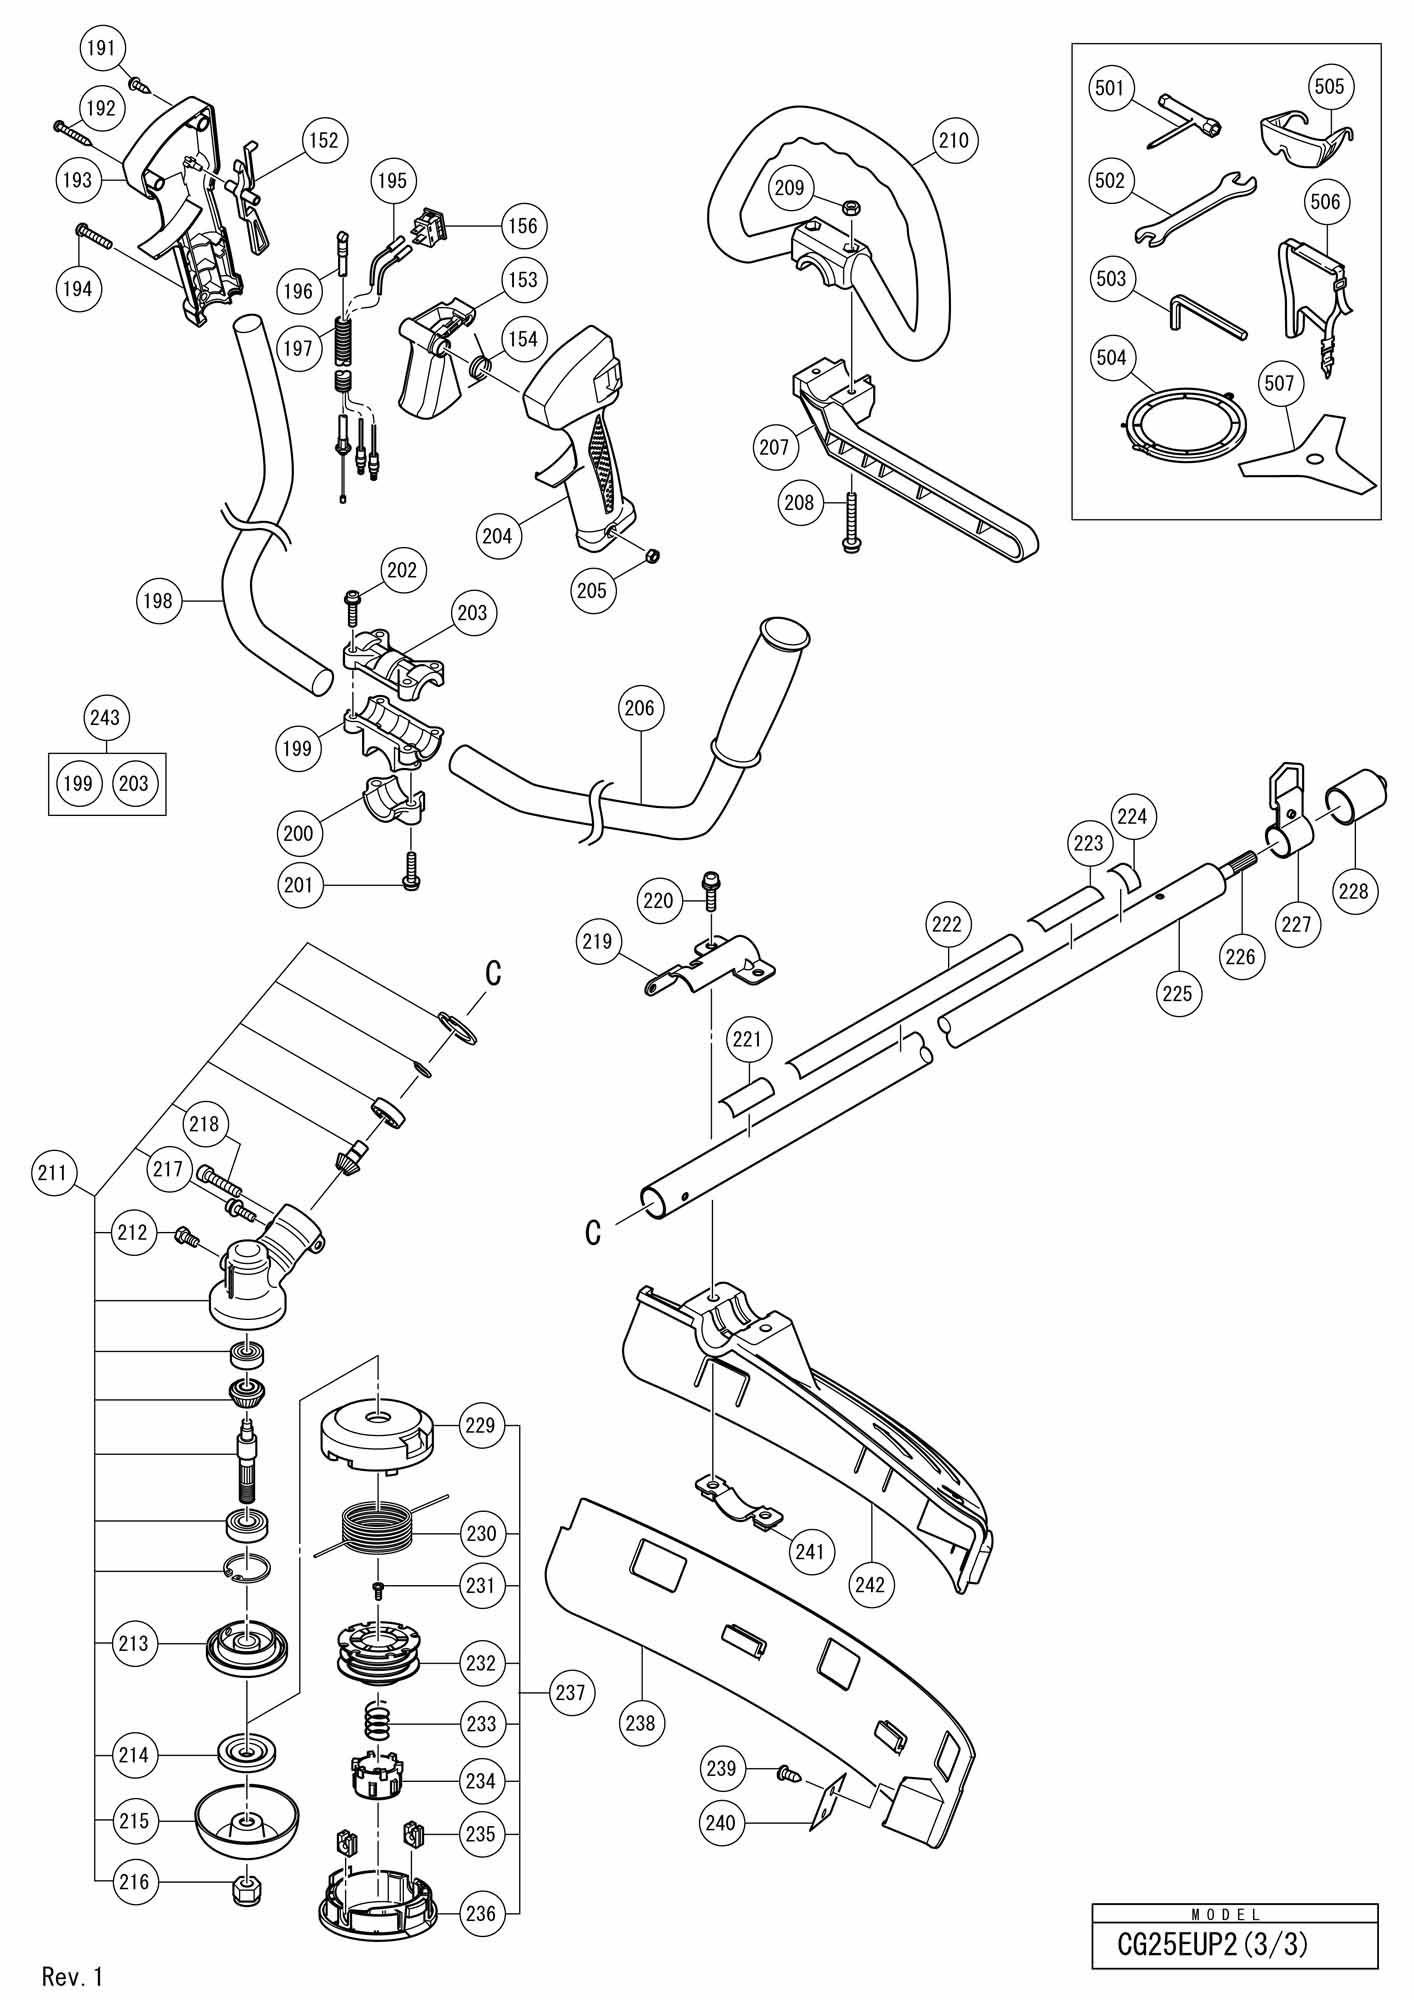 Hitachi Engine Grass Trimmer Cg 25eup2 SPARE_CG25EUP2 from